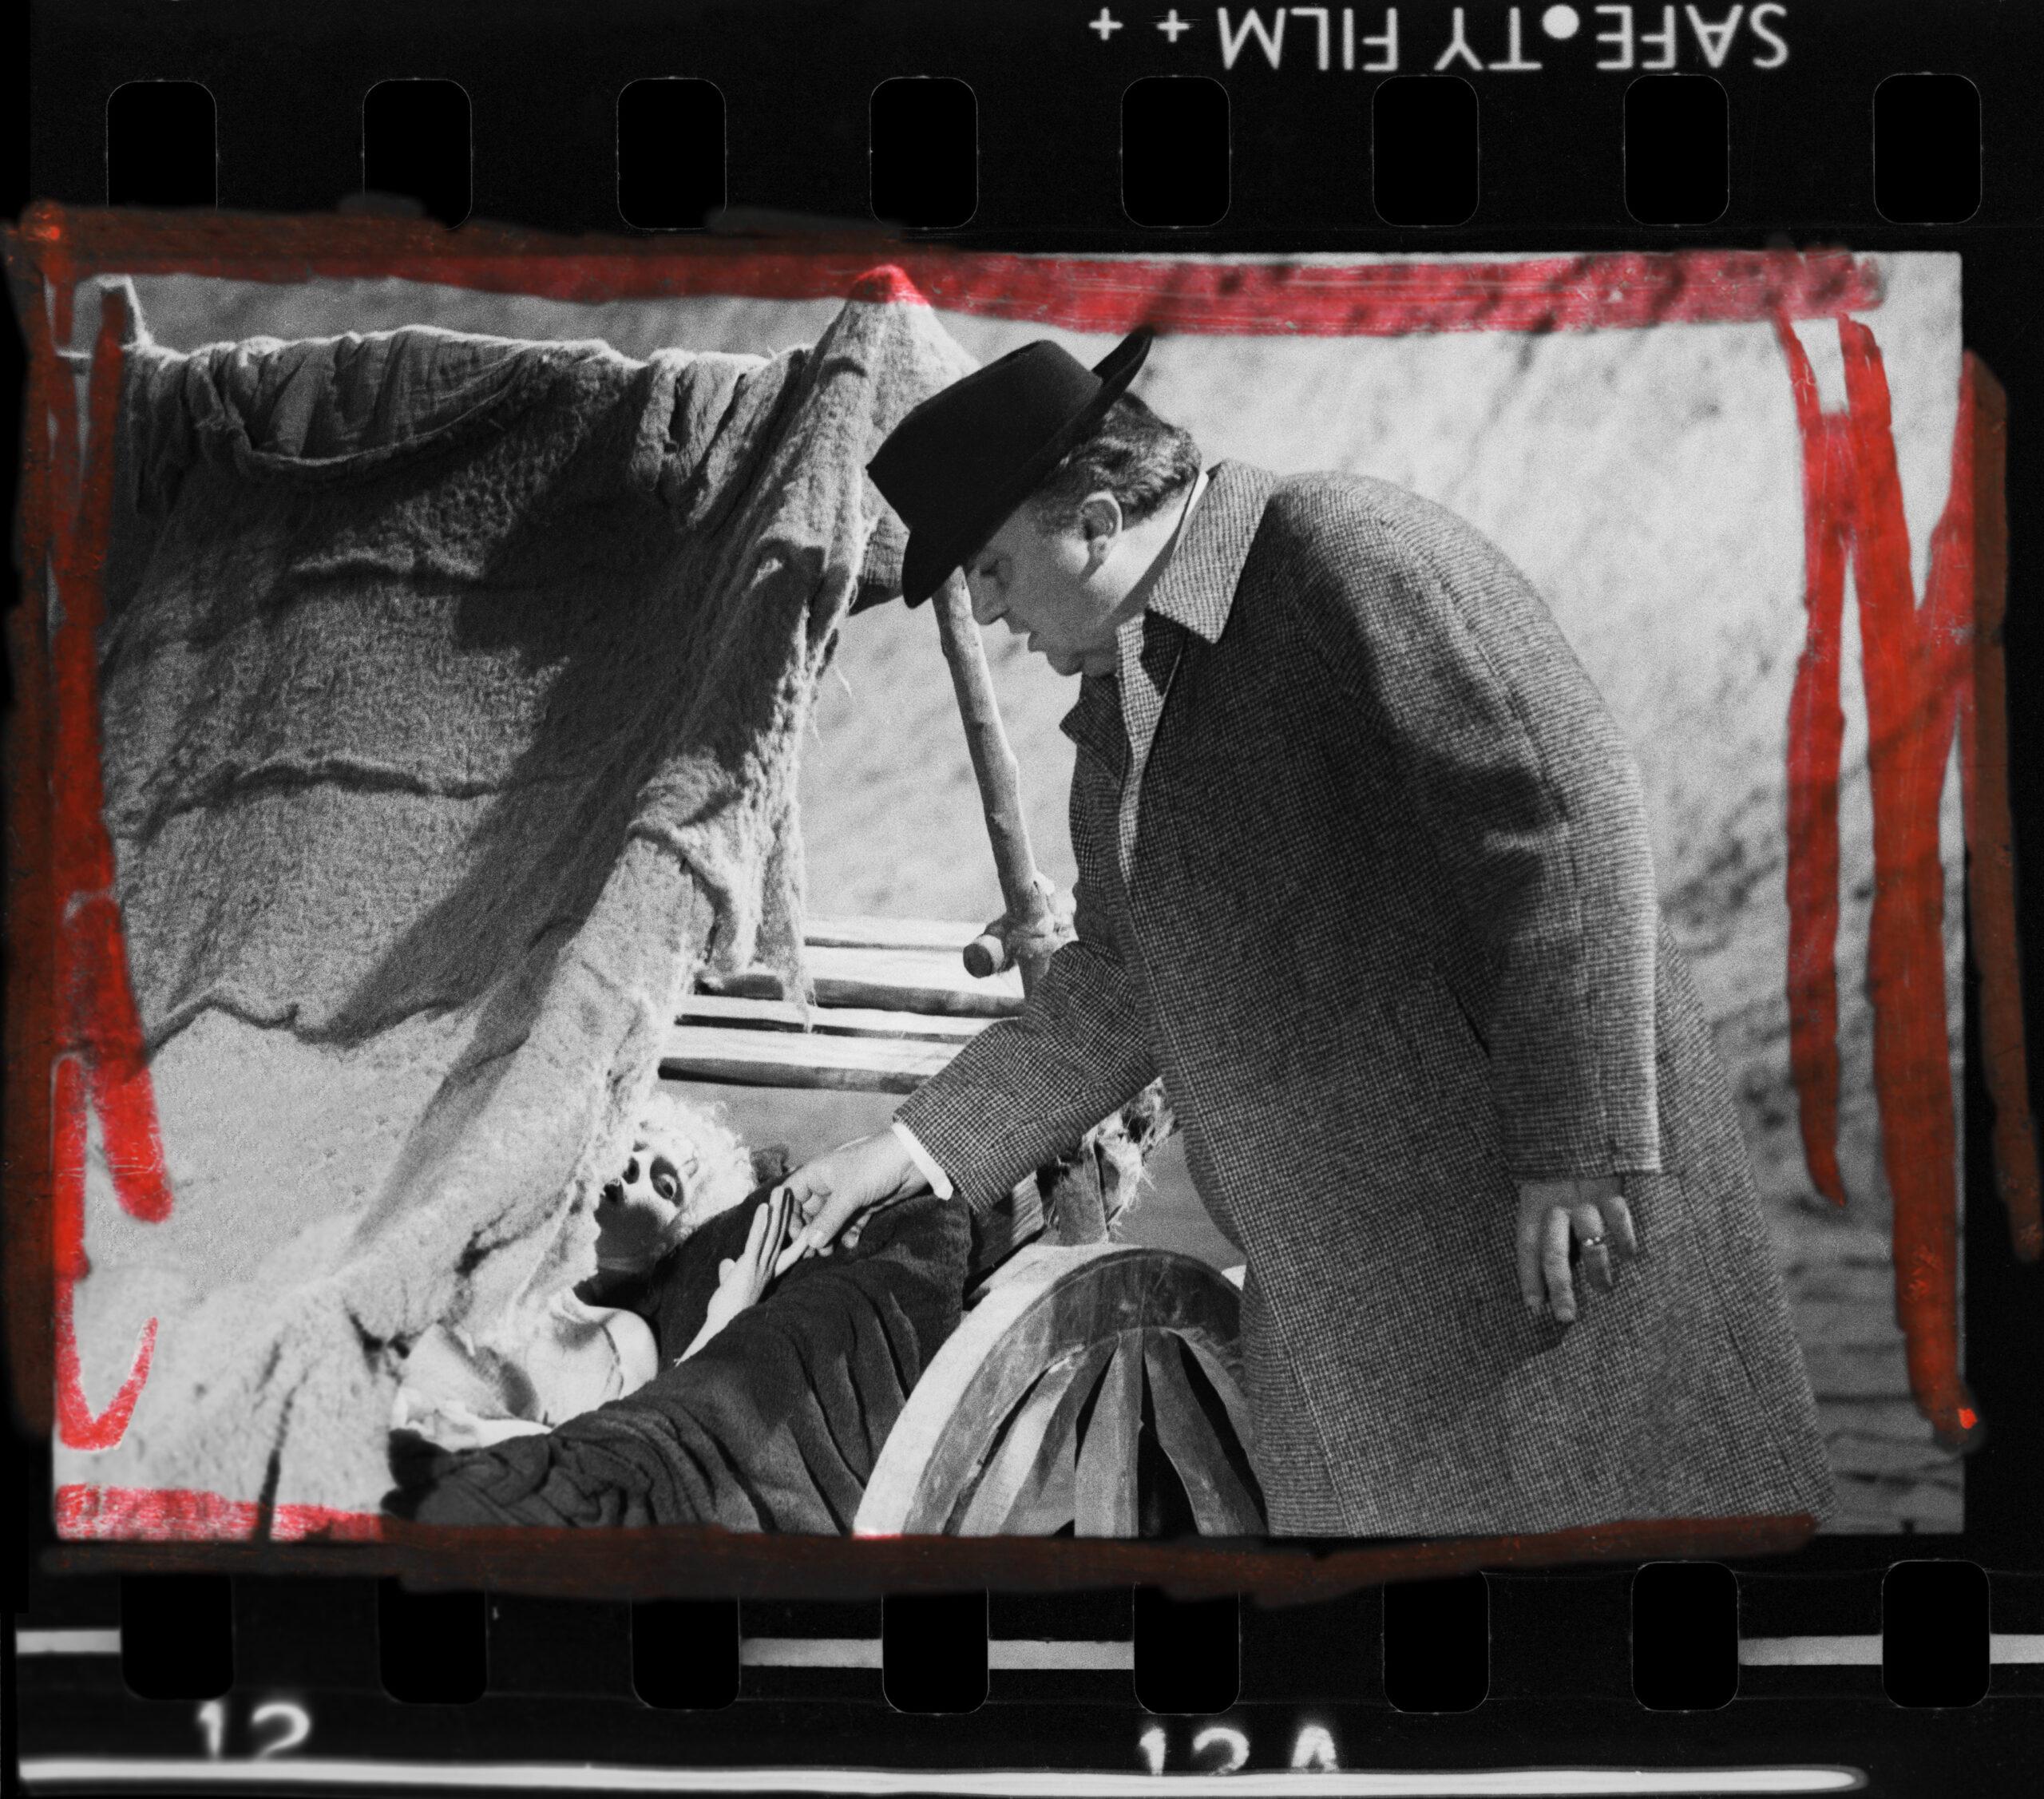 Con gli occhi della fotografa: Ri-tratto Rosso. Elisabetta Catalano guarda Federico Fellini